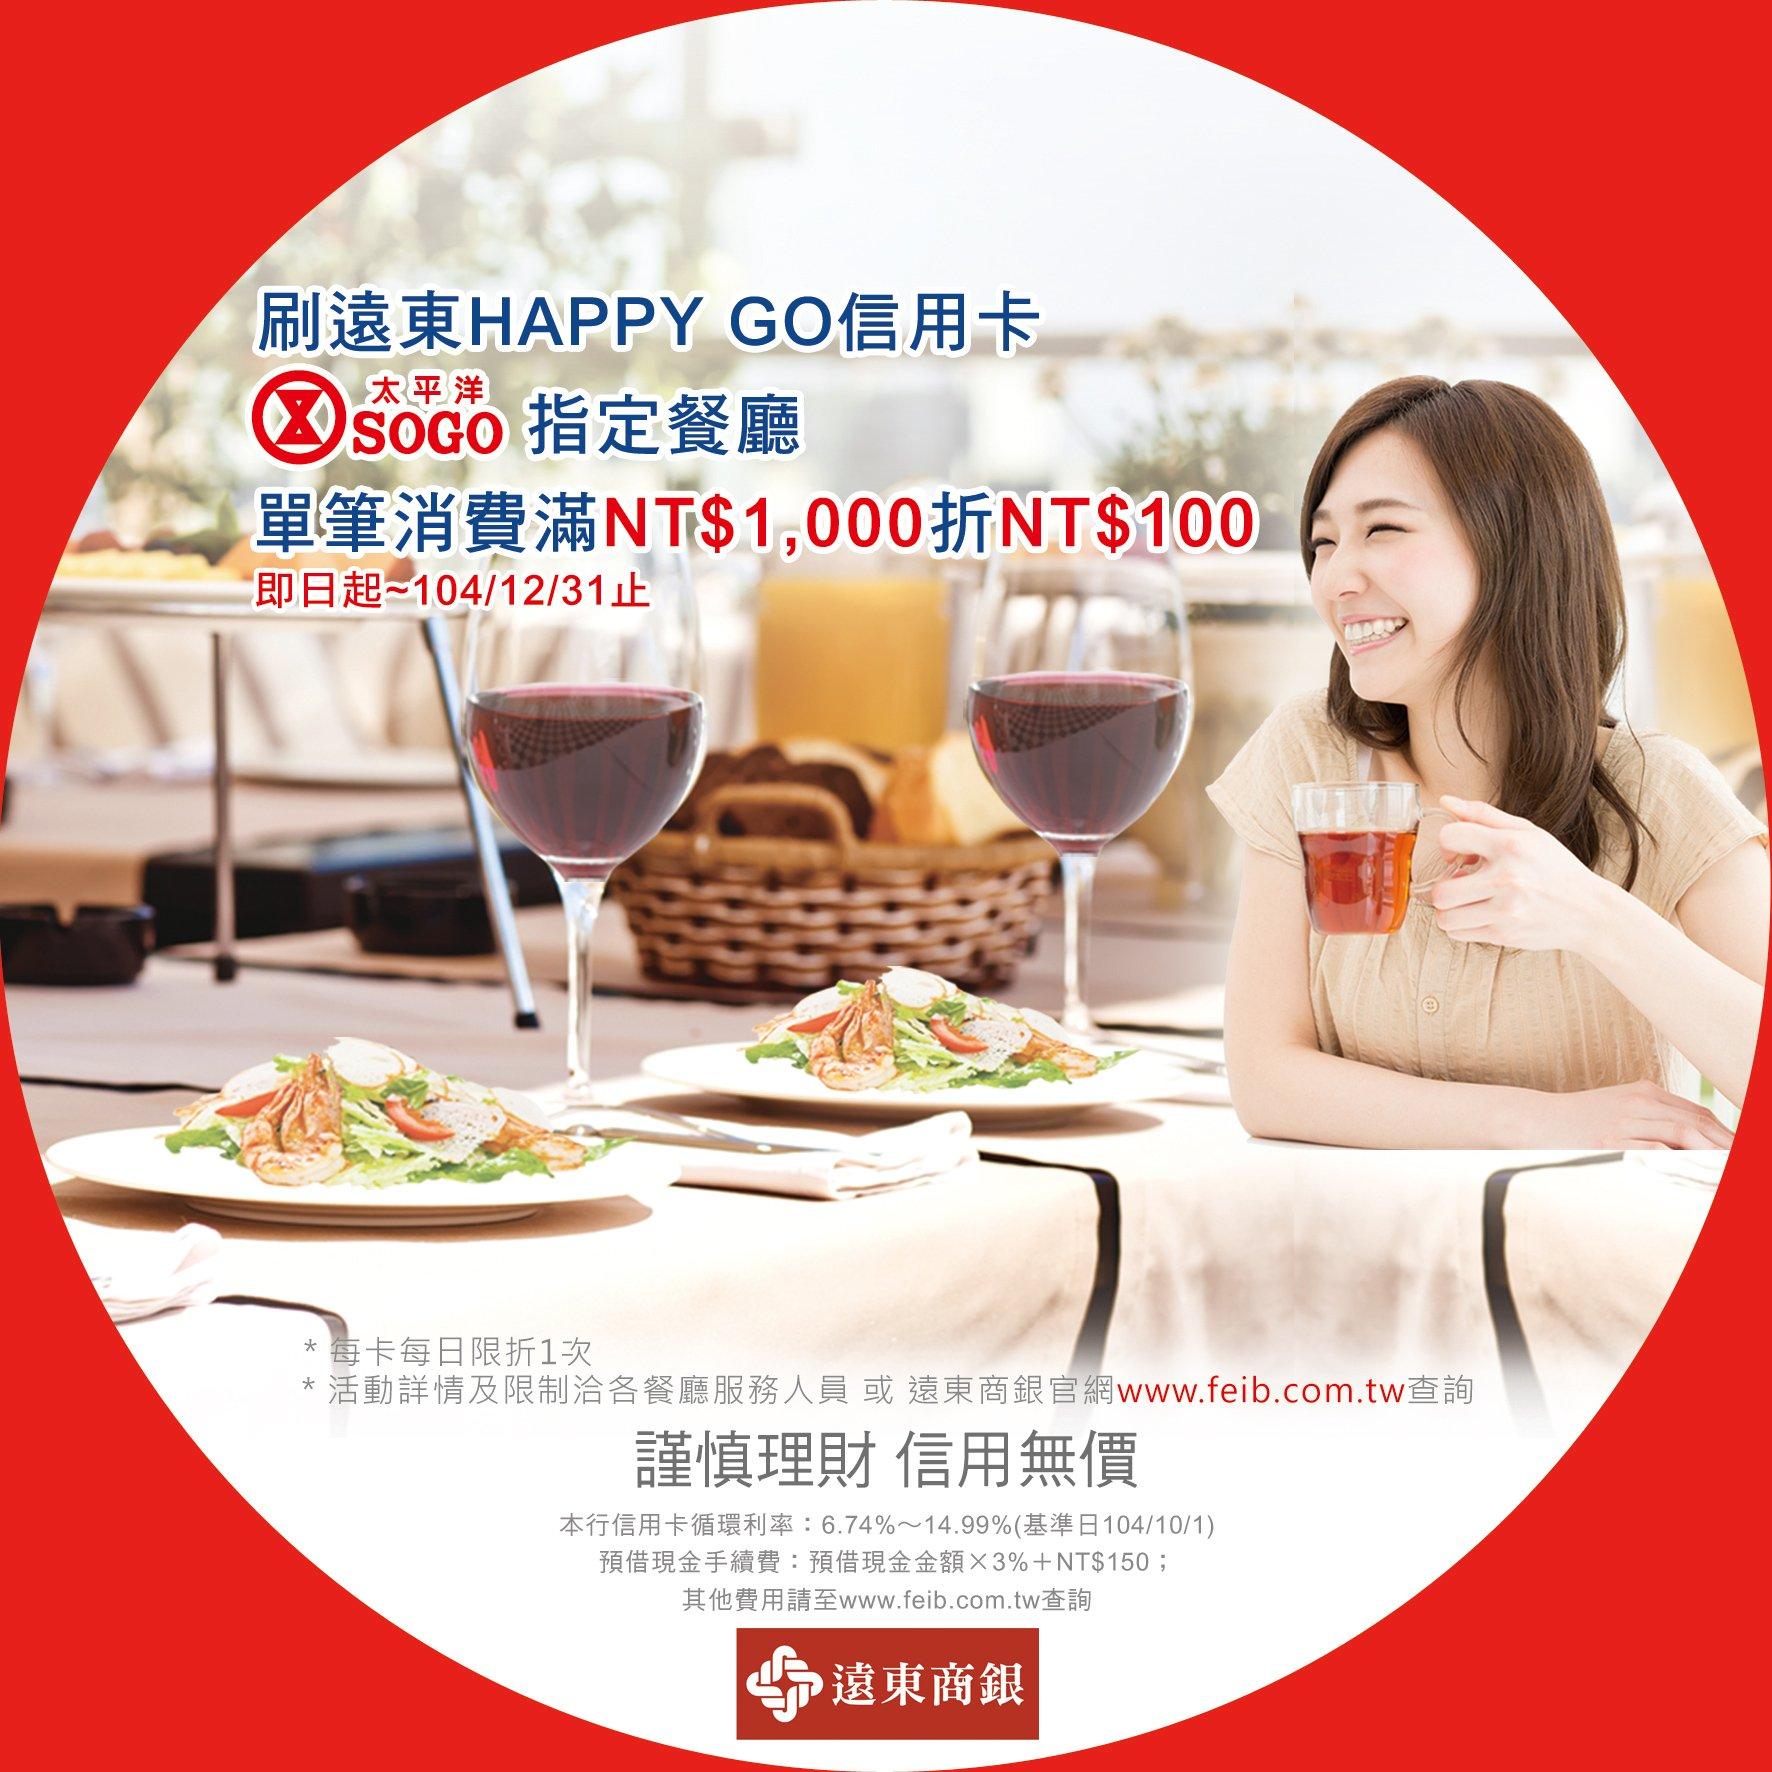 遠東銀行-HAPPY GO刷卡指定餐廳